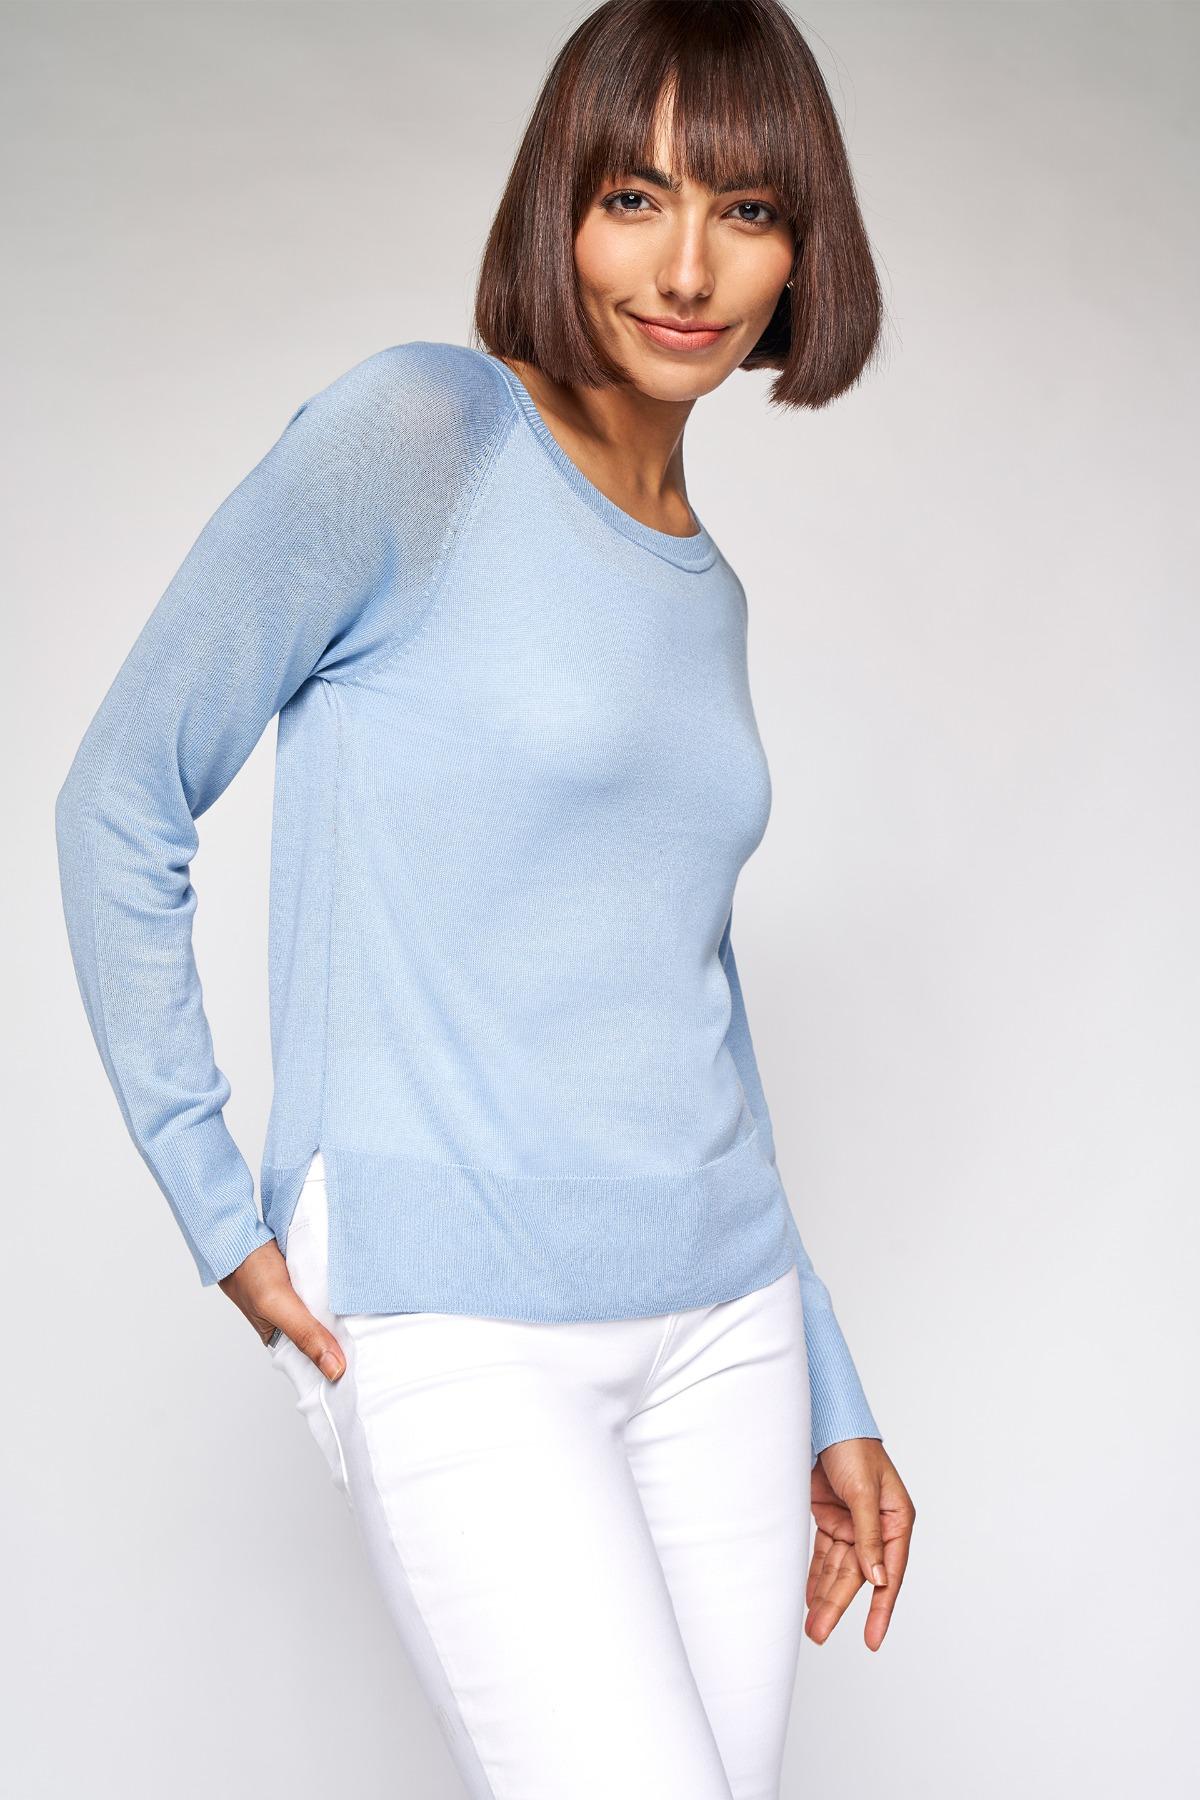 AND | Powder Blue Self Design A-Line Top